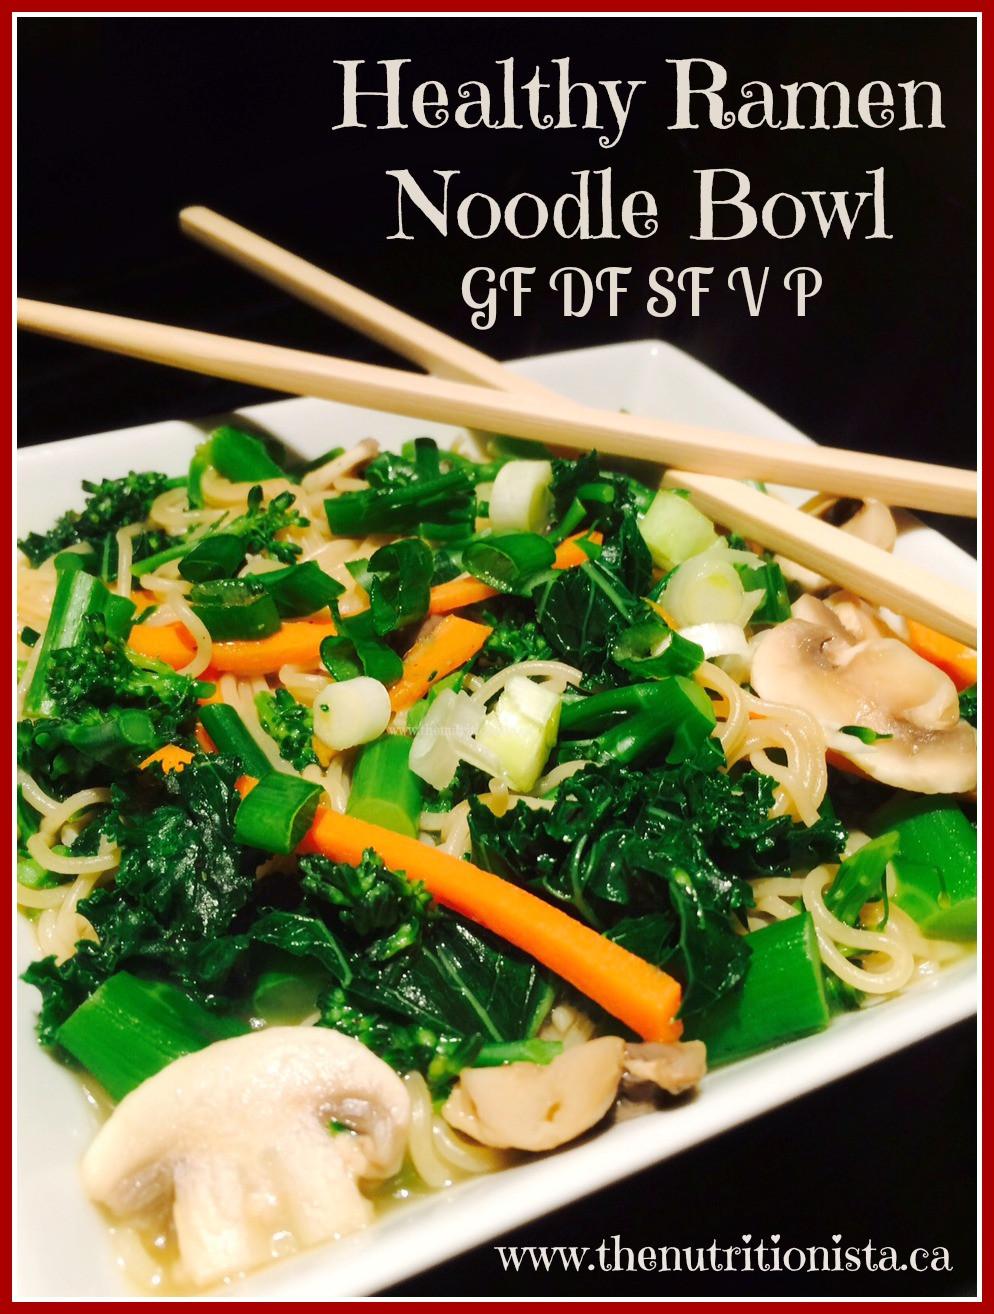 Ramen Noodles Healthy  Healthy Ramen Noodle Bowl Nutritionista